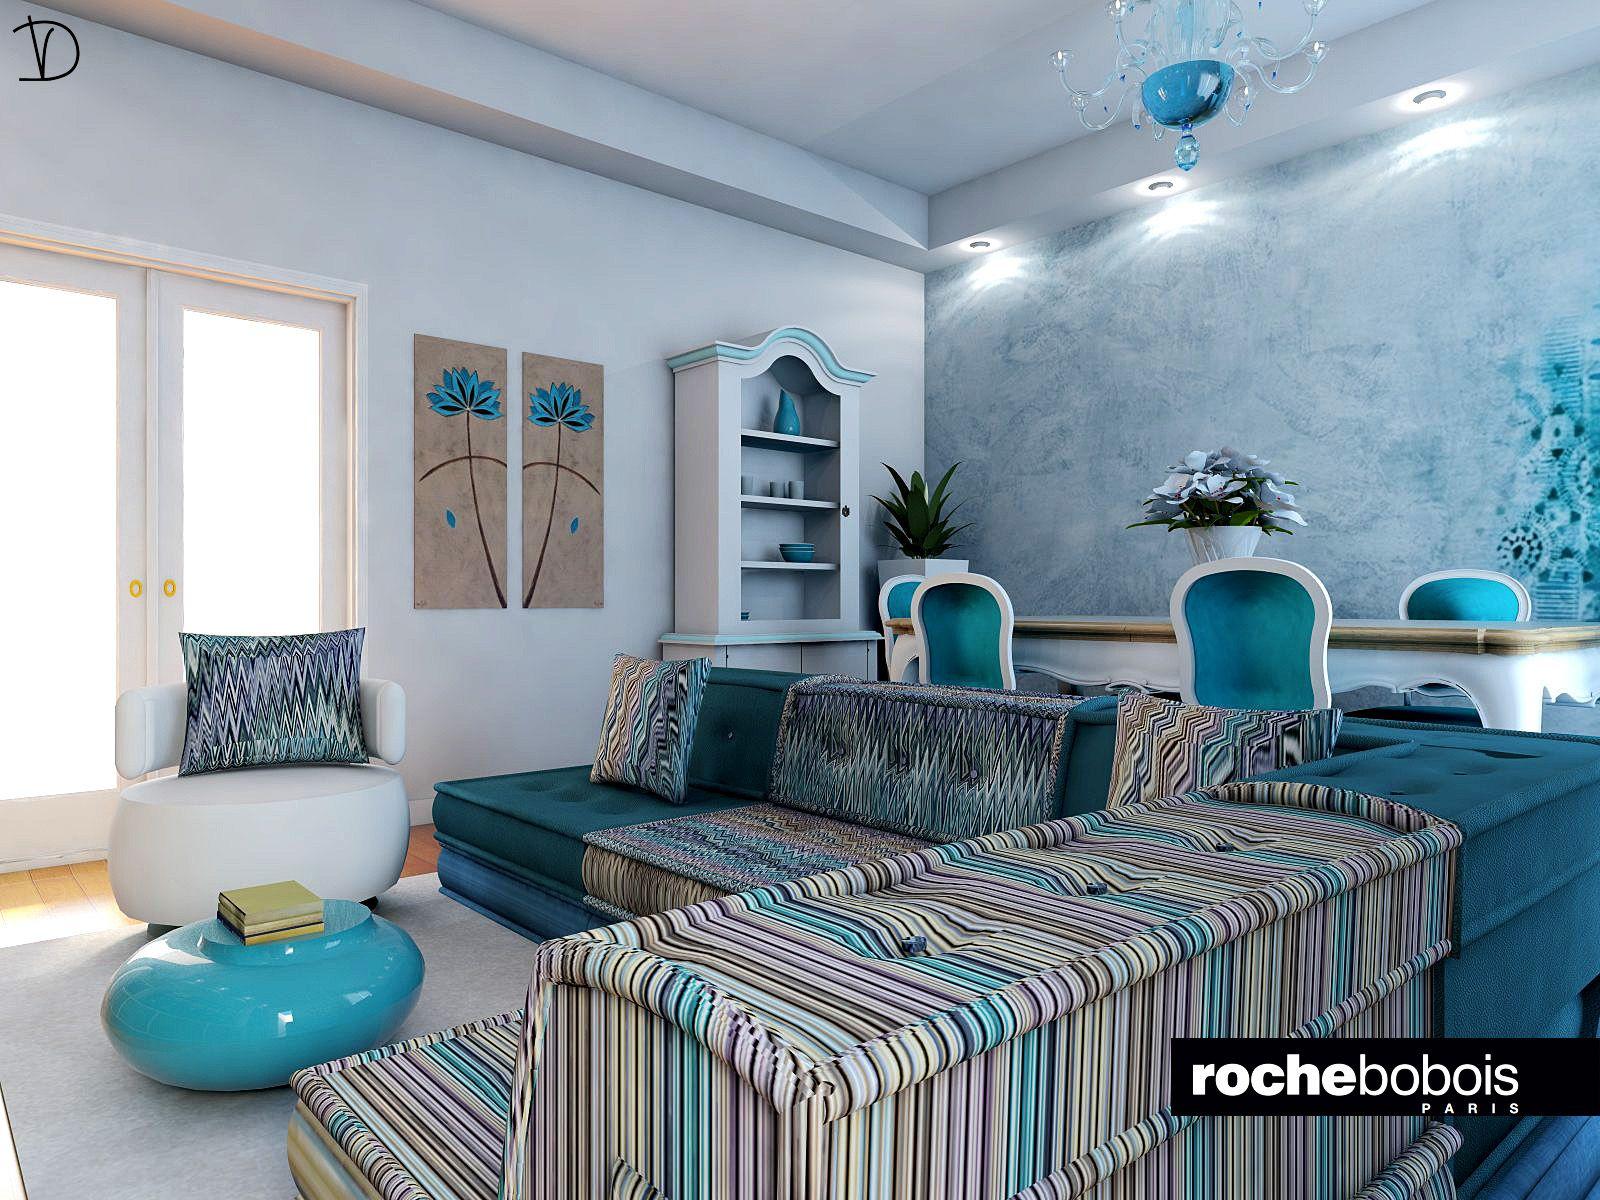 Tappeto a righe bianco e blu tappeto giallo e blu il tappeto